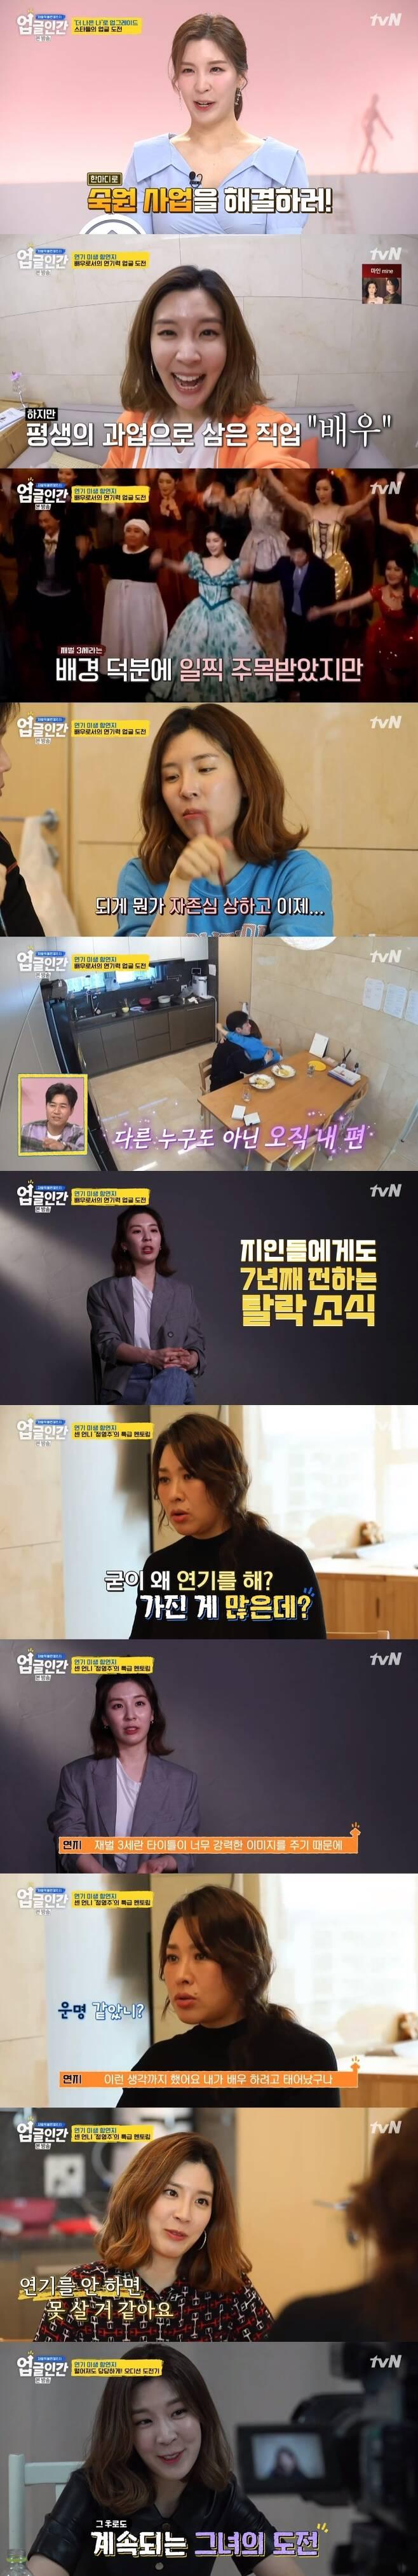 tvN '업글인간' 캡처 © 뉴스1